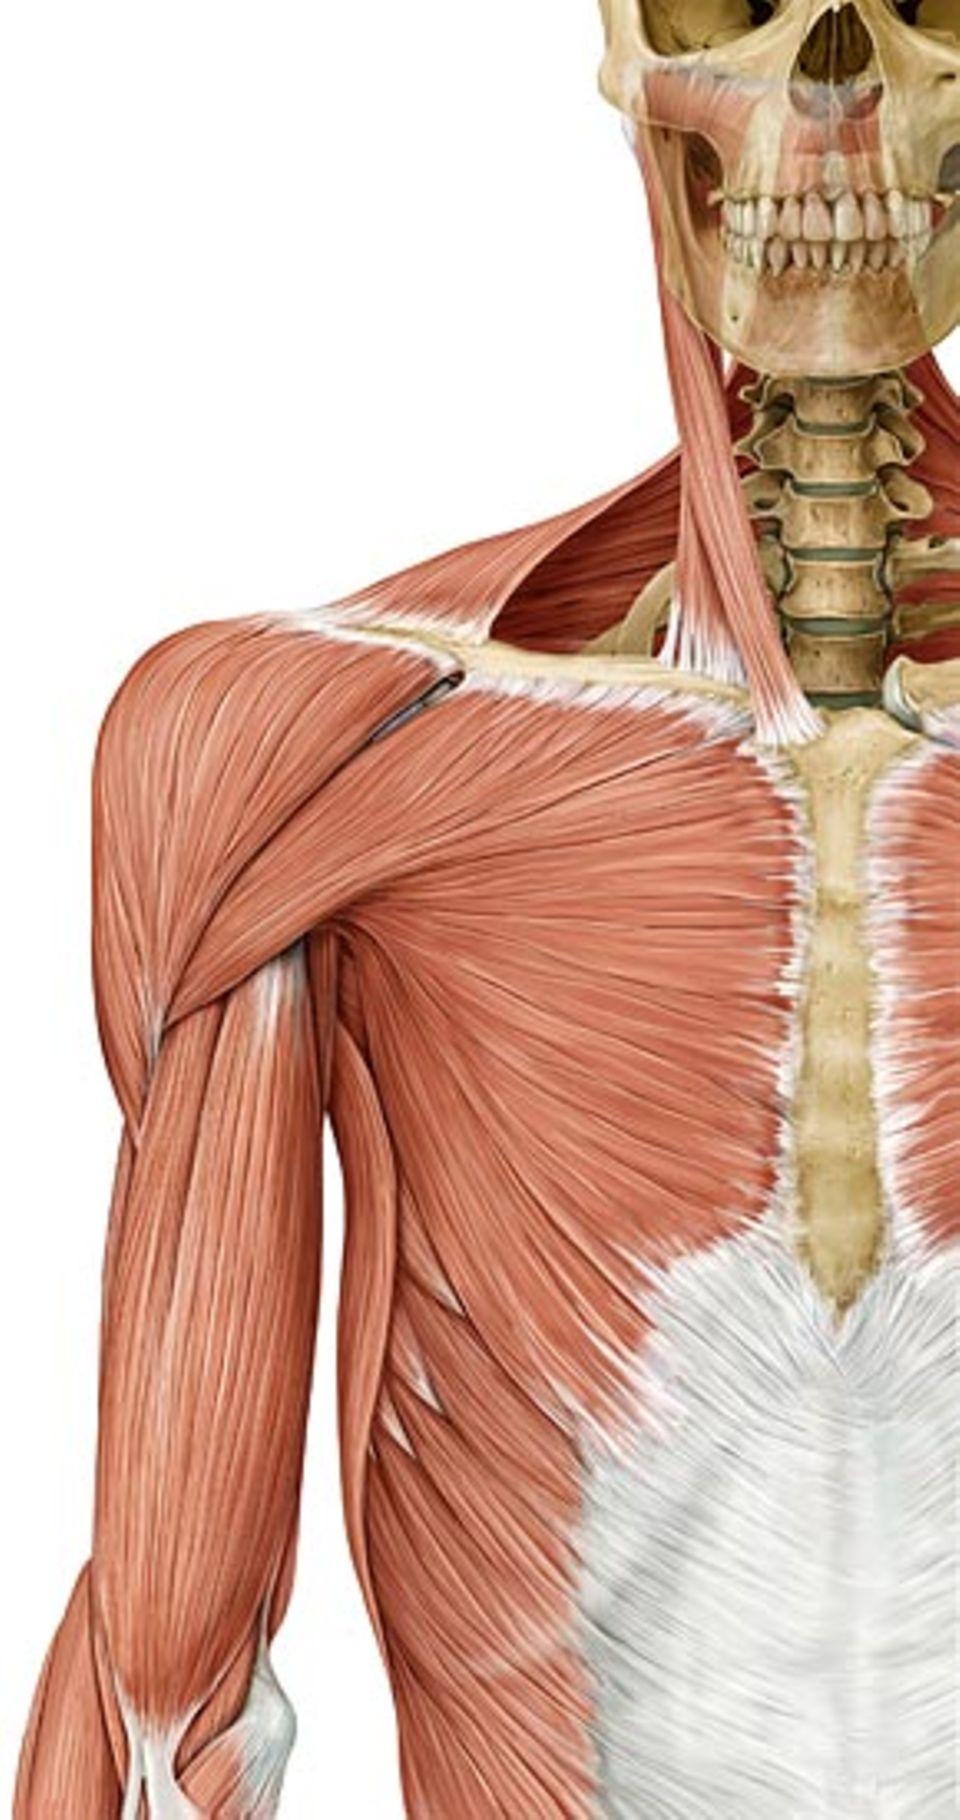 Populärer Muskel: Um den Unterarm zu beugen, brauchen wir den berühmten Bizeps des Oberarms